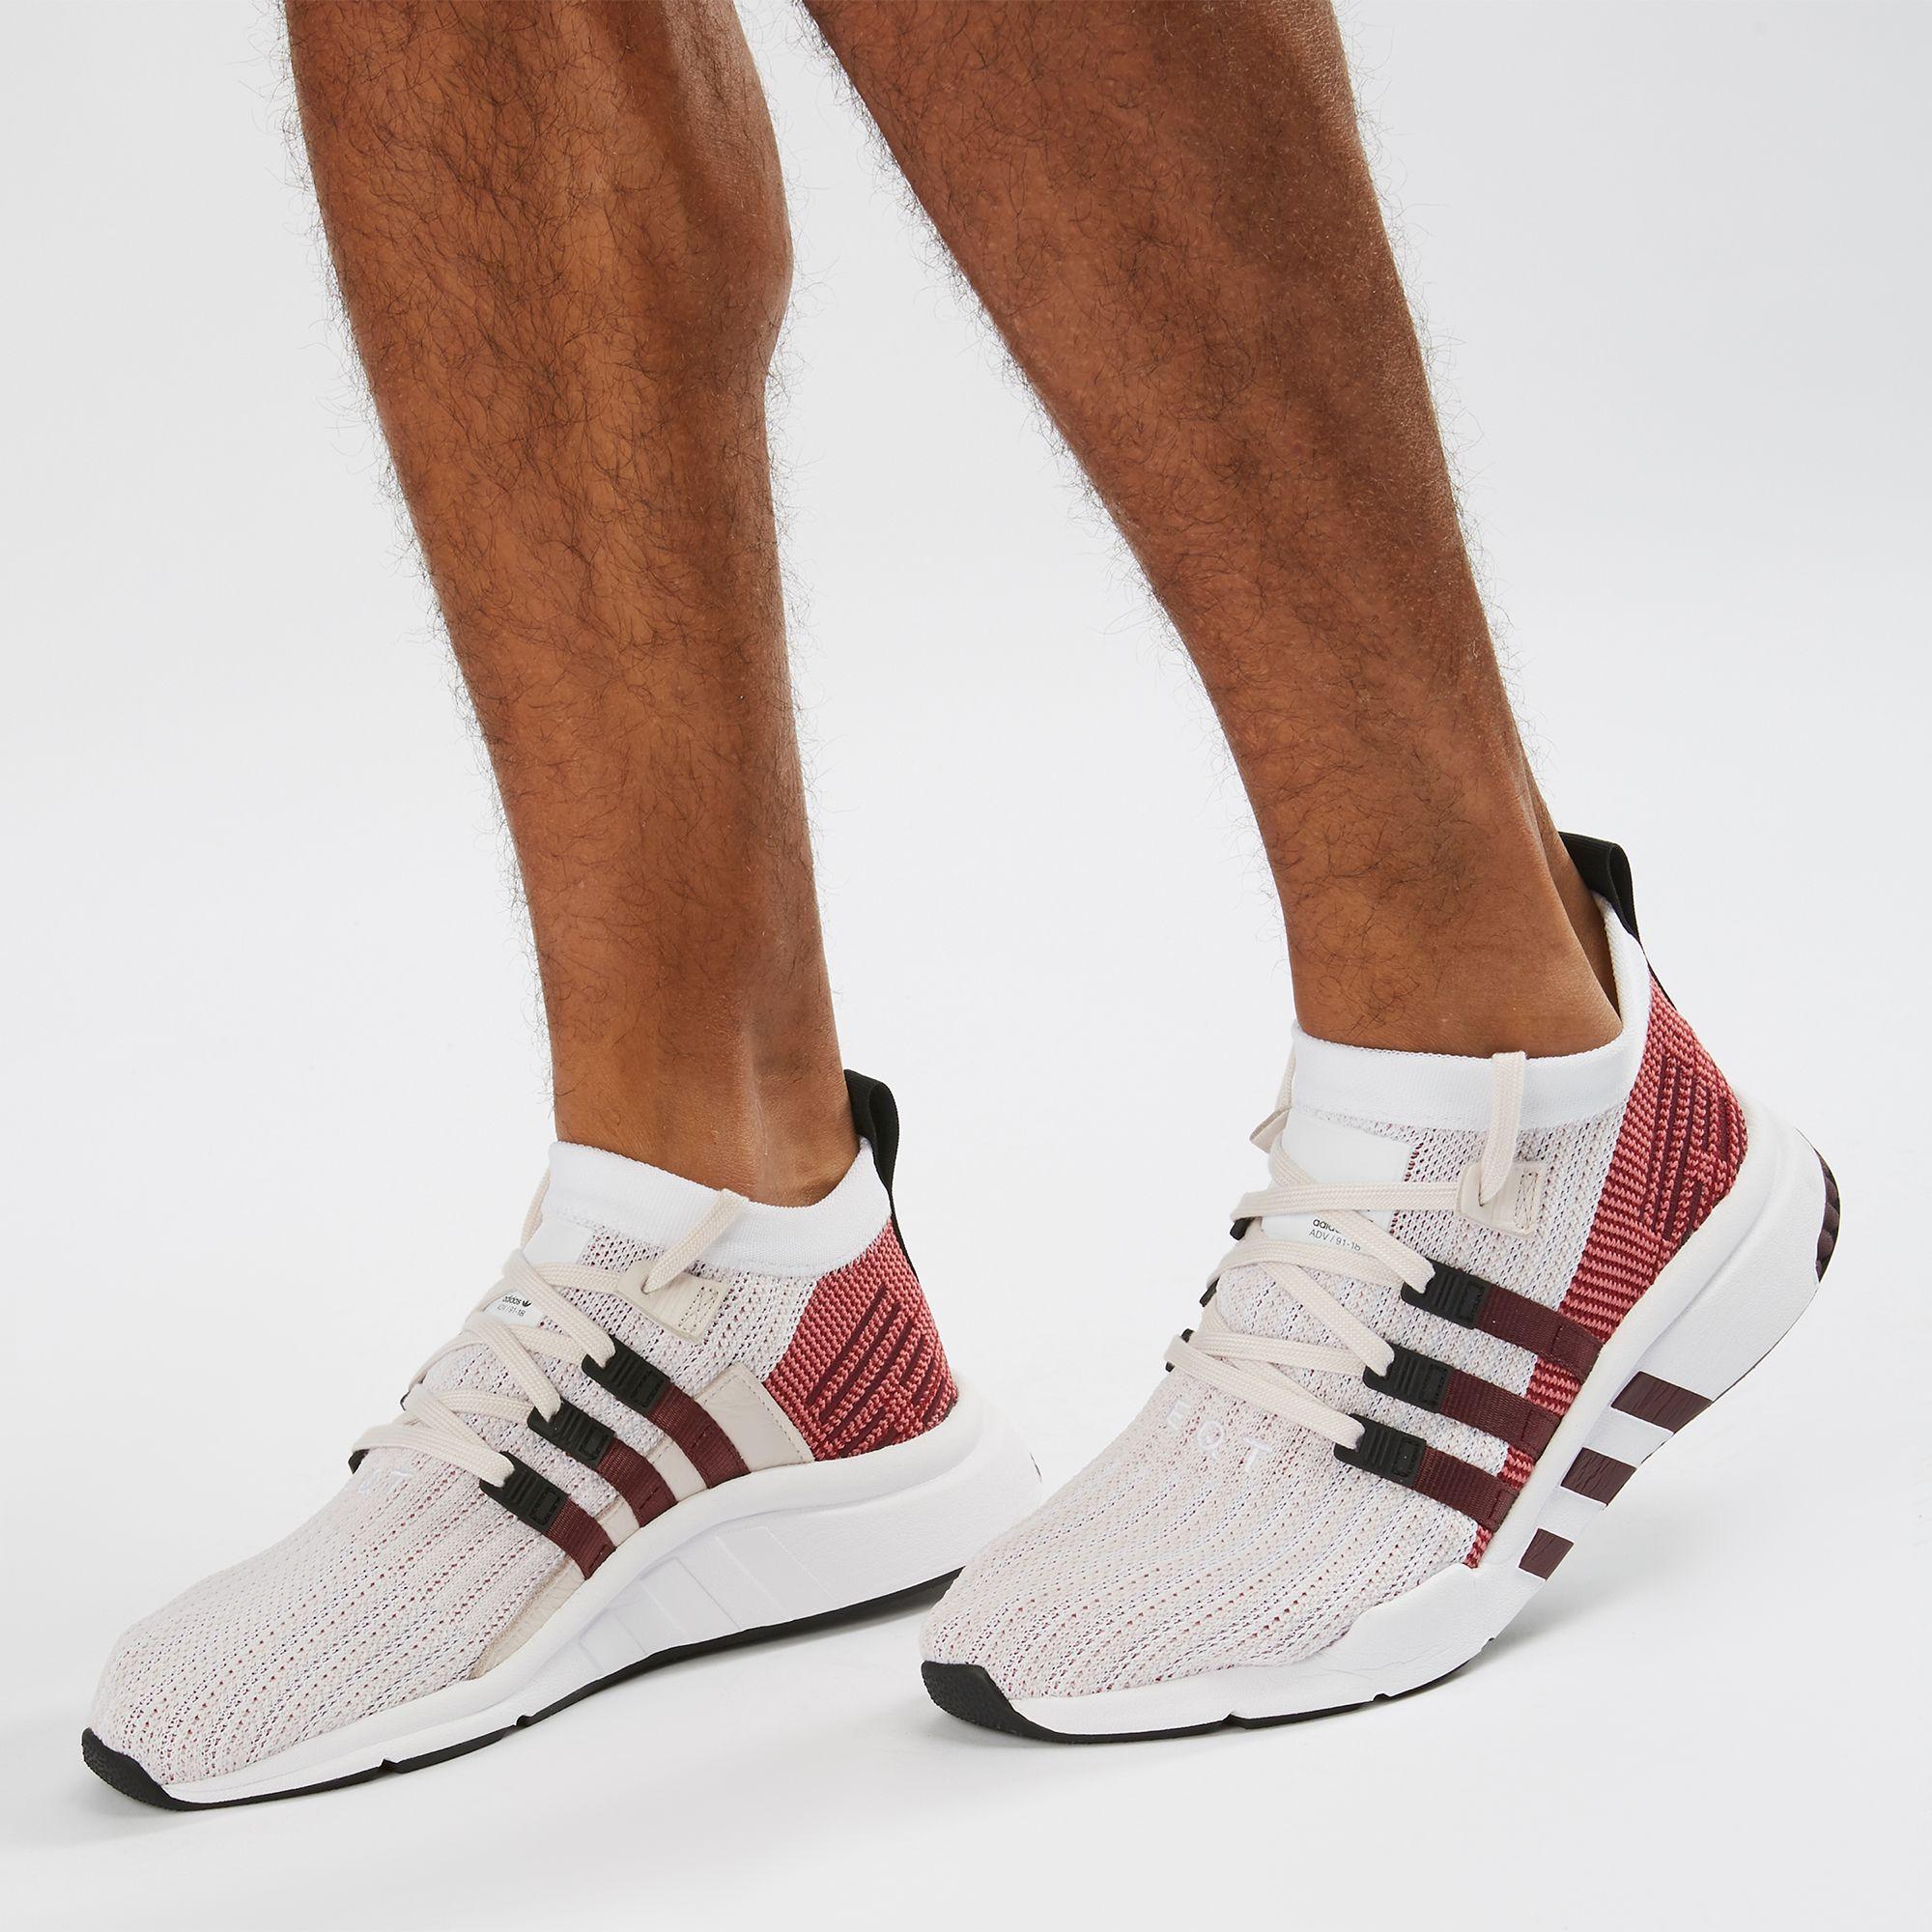 6f3d051d7a88 adidas Originals EQT Support Mid ADV Primeknit Shoe